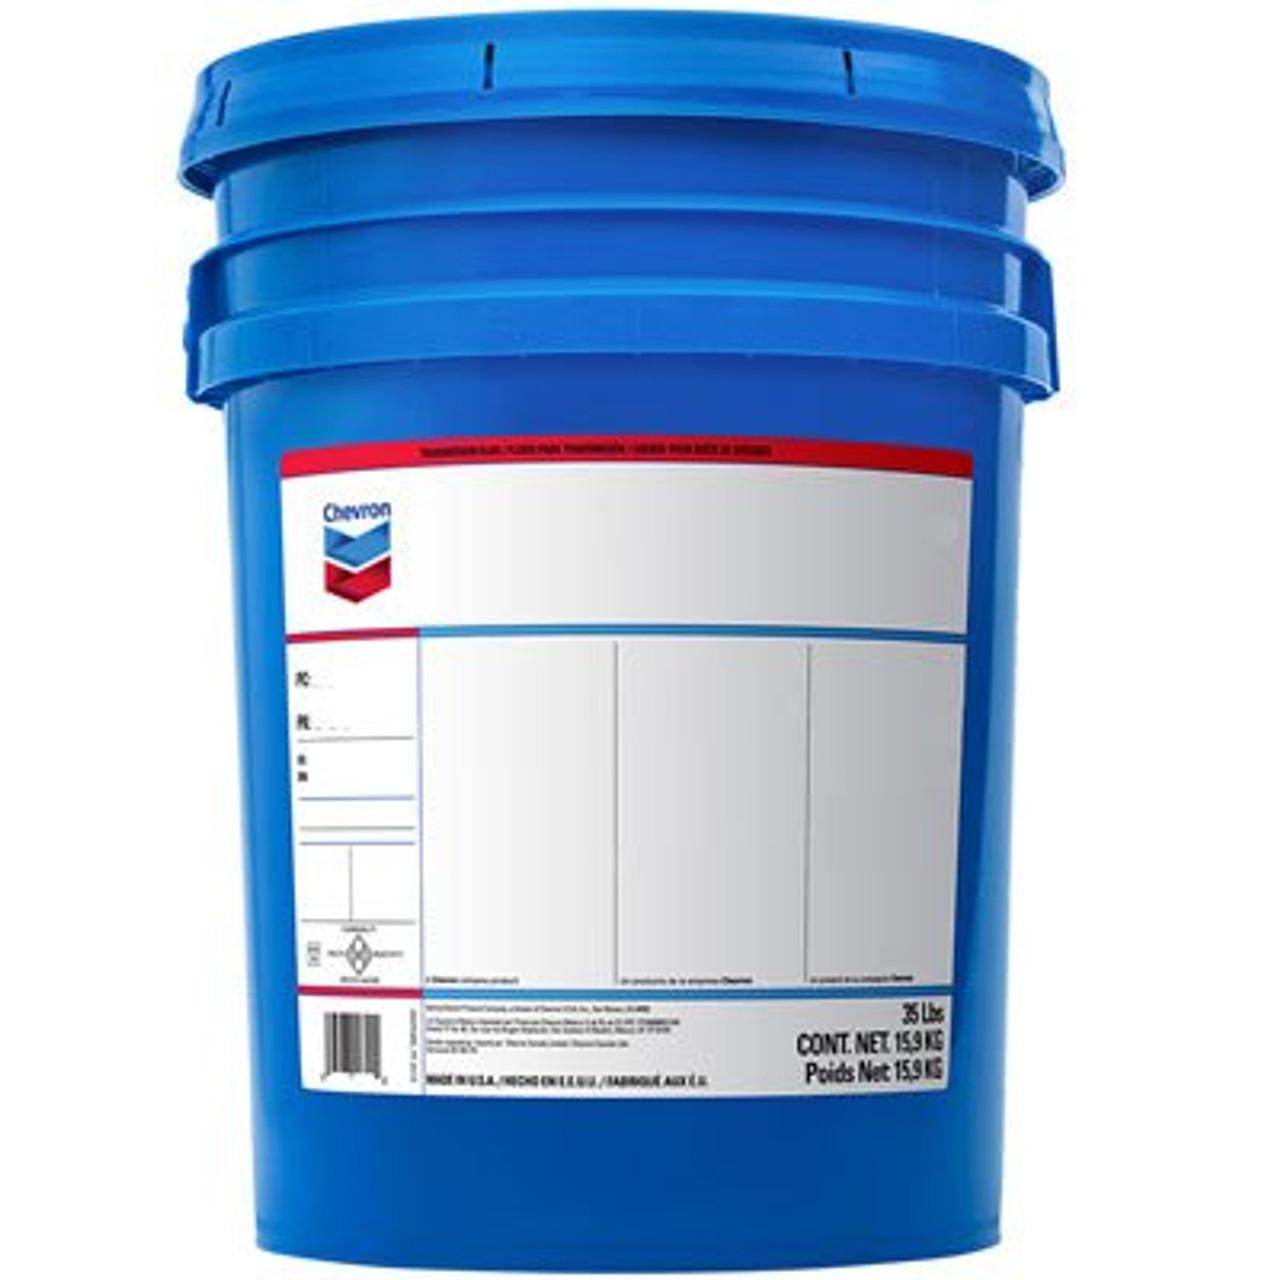 Chevron® Rando® HD 32 Hydraulic Oil - 5 Gallon Pail